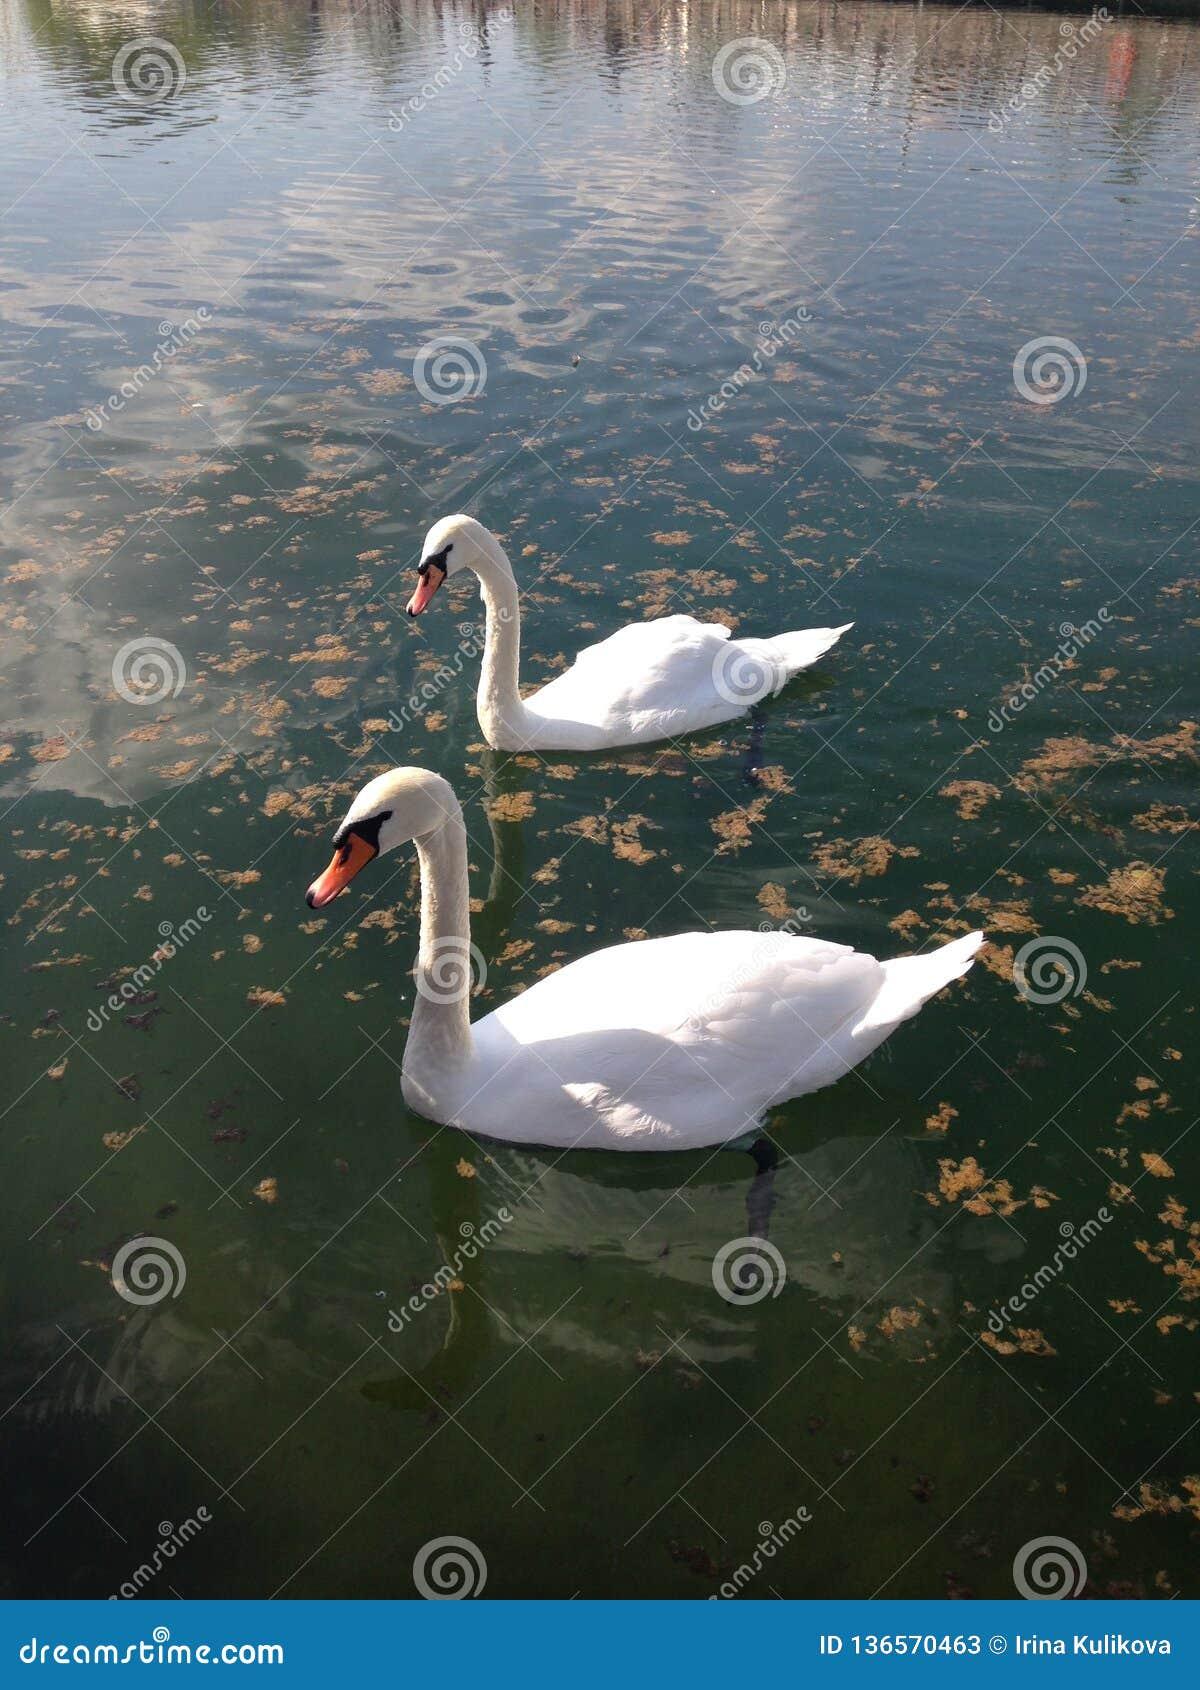 Zwei Höckerschwäne schwimmen auf einem Teich an einem sonnigen Tag Vertikales Foto